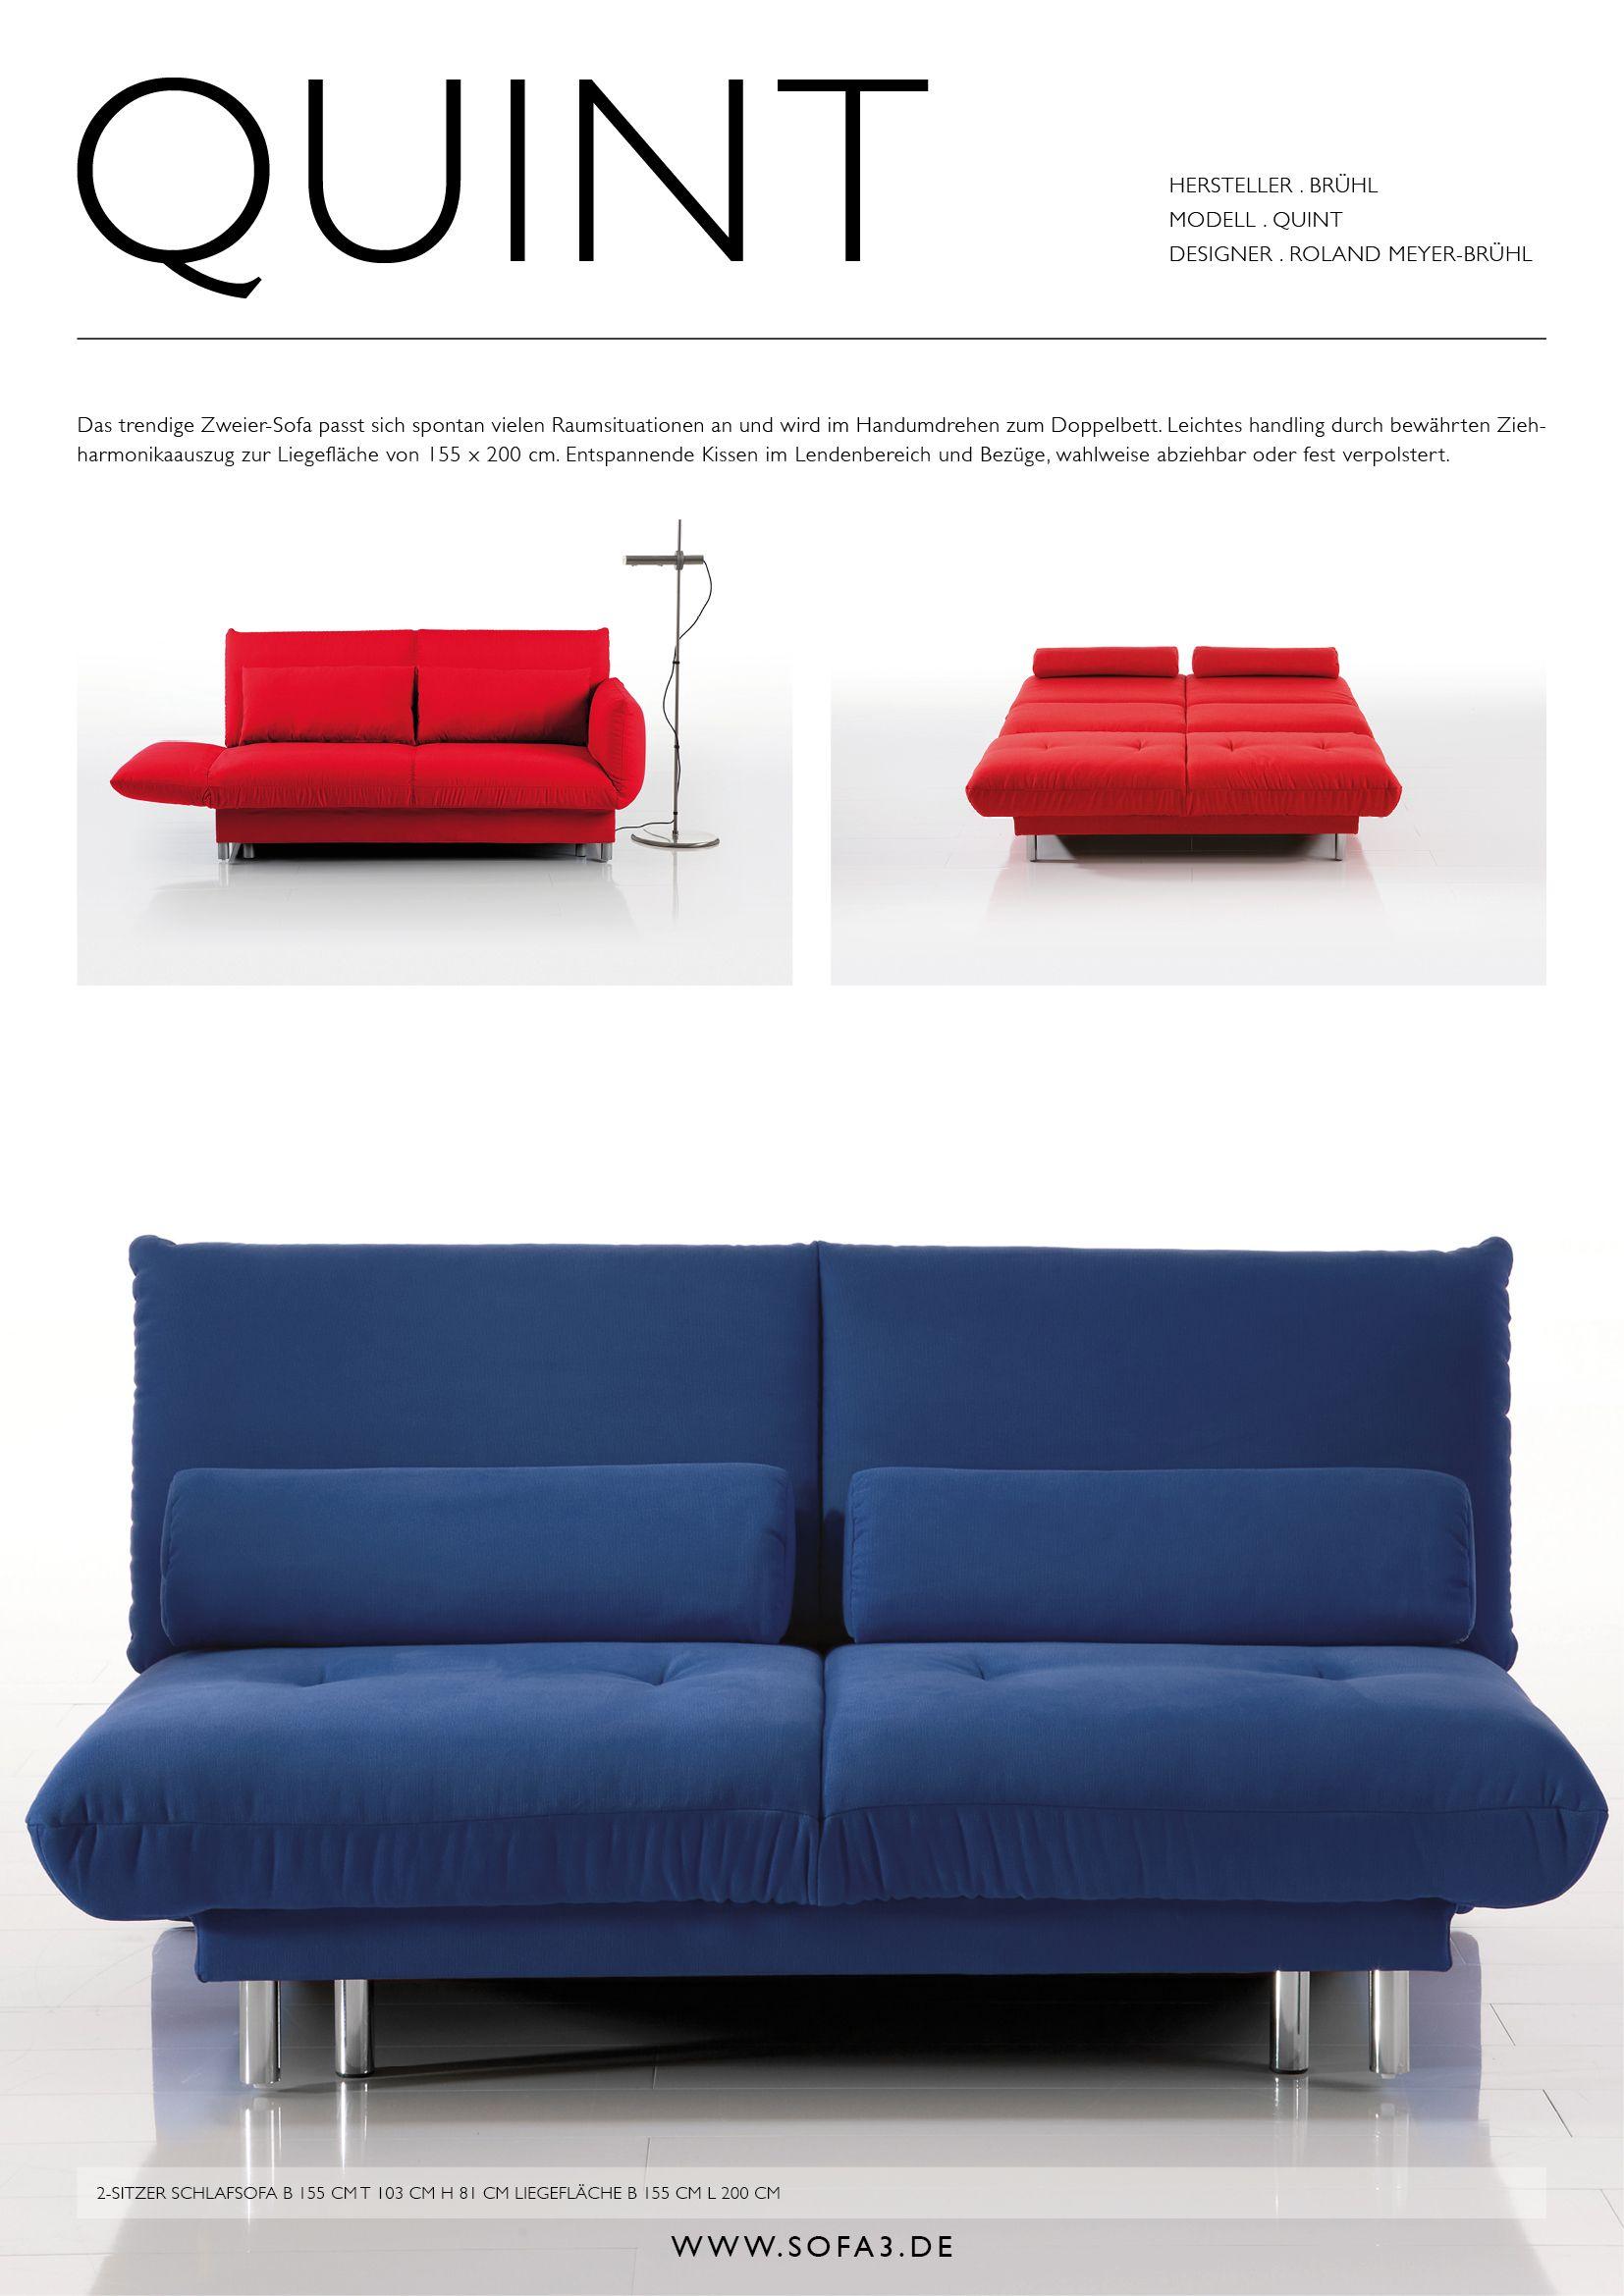 #quint #brühl #bruehl #roland #meyer Brühl #sofas #sofa